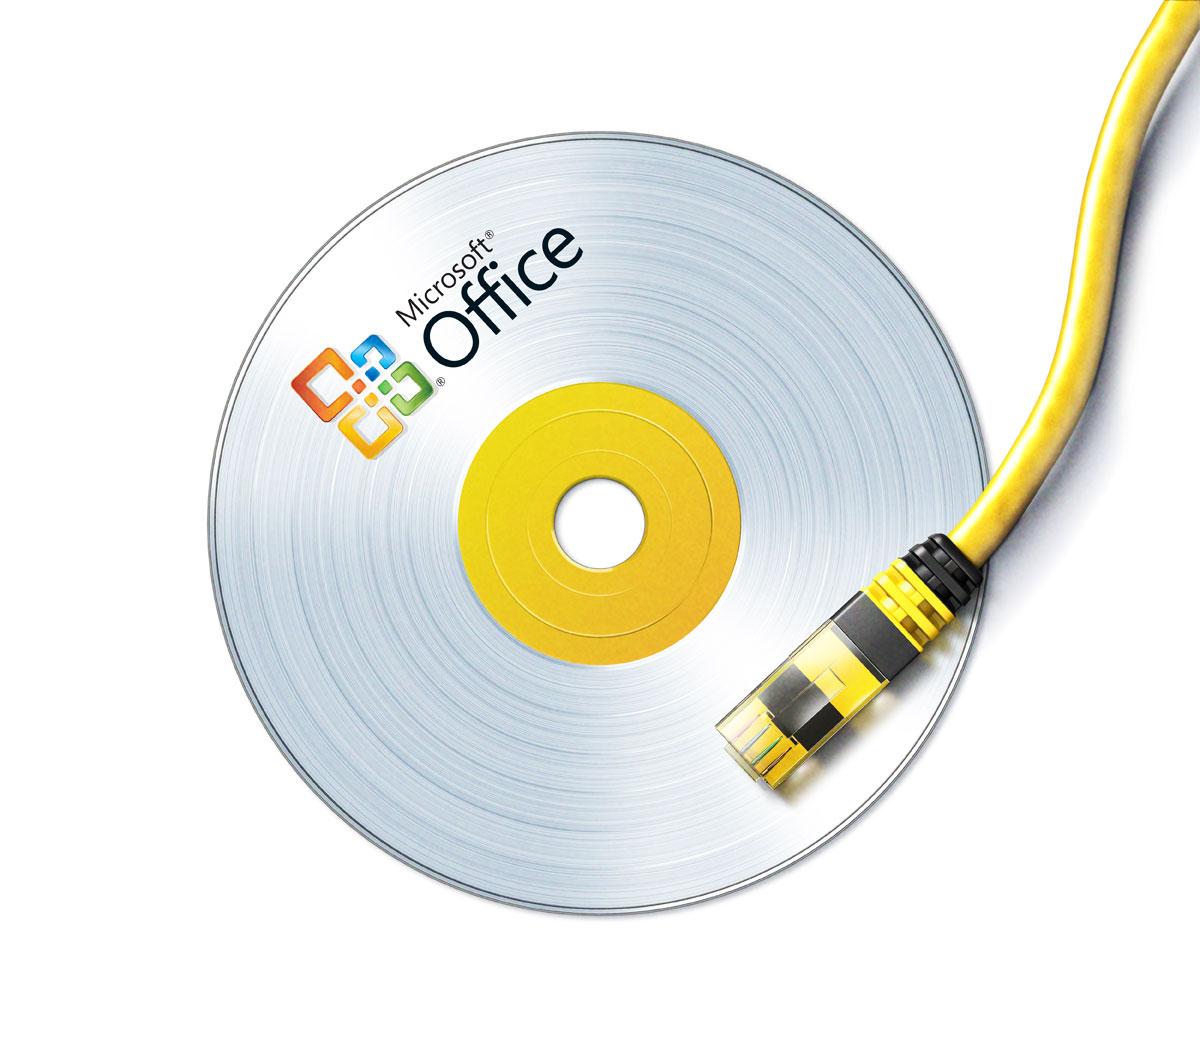 Disk Beeline